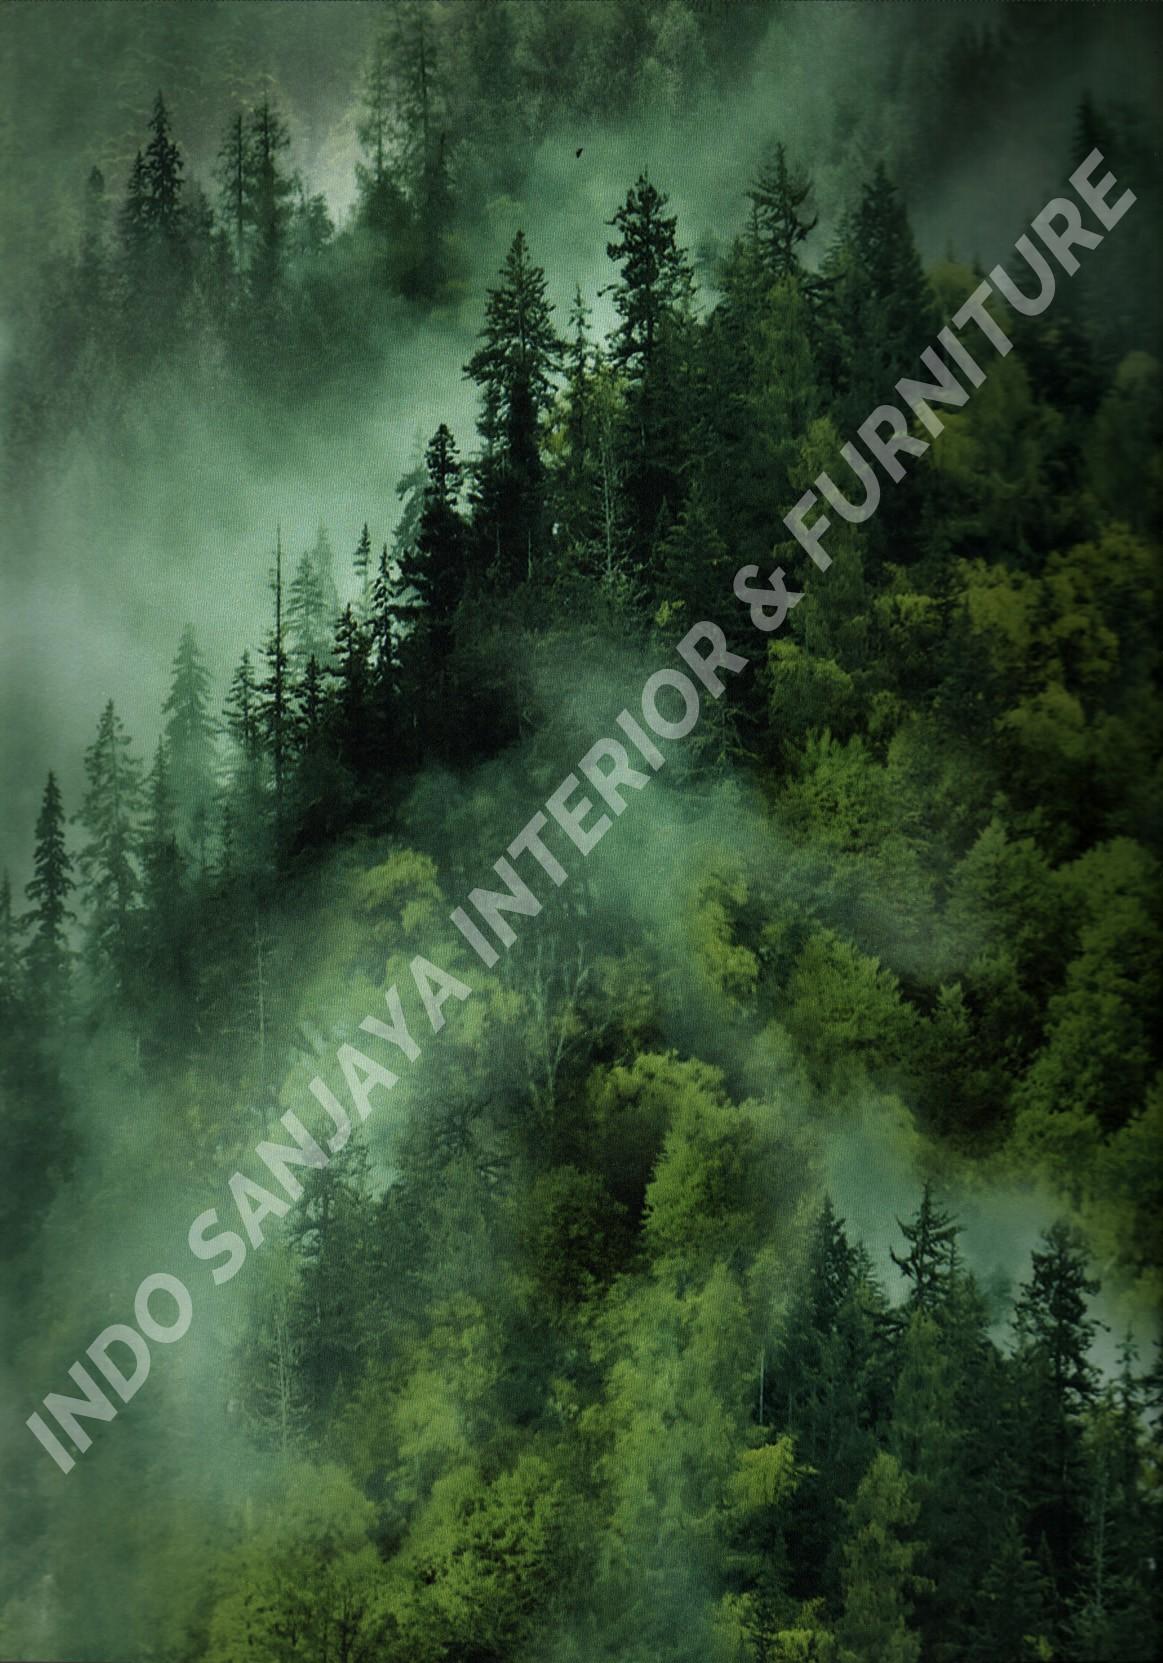 wallpaper   Wallpaper Daun Daunan 40113-1:40113-1 corak  warna